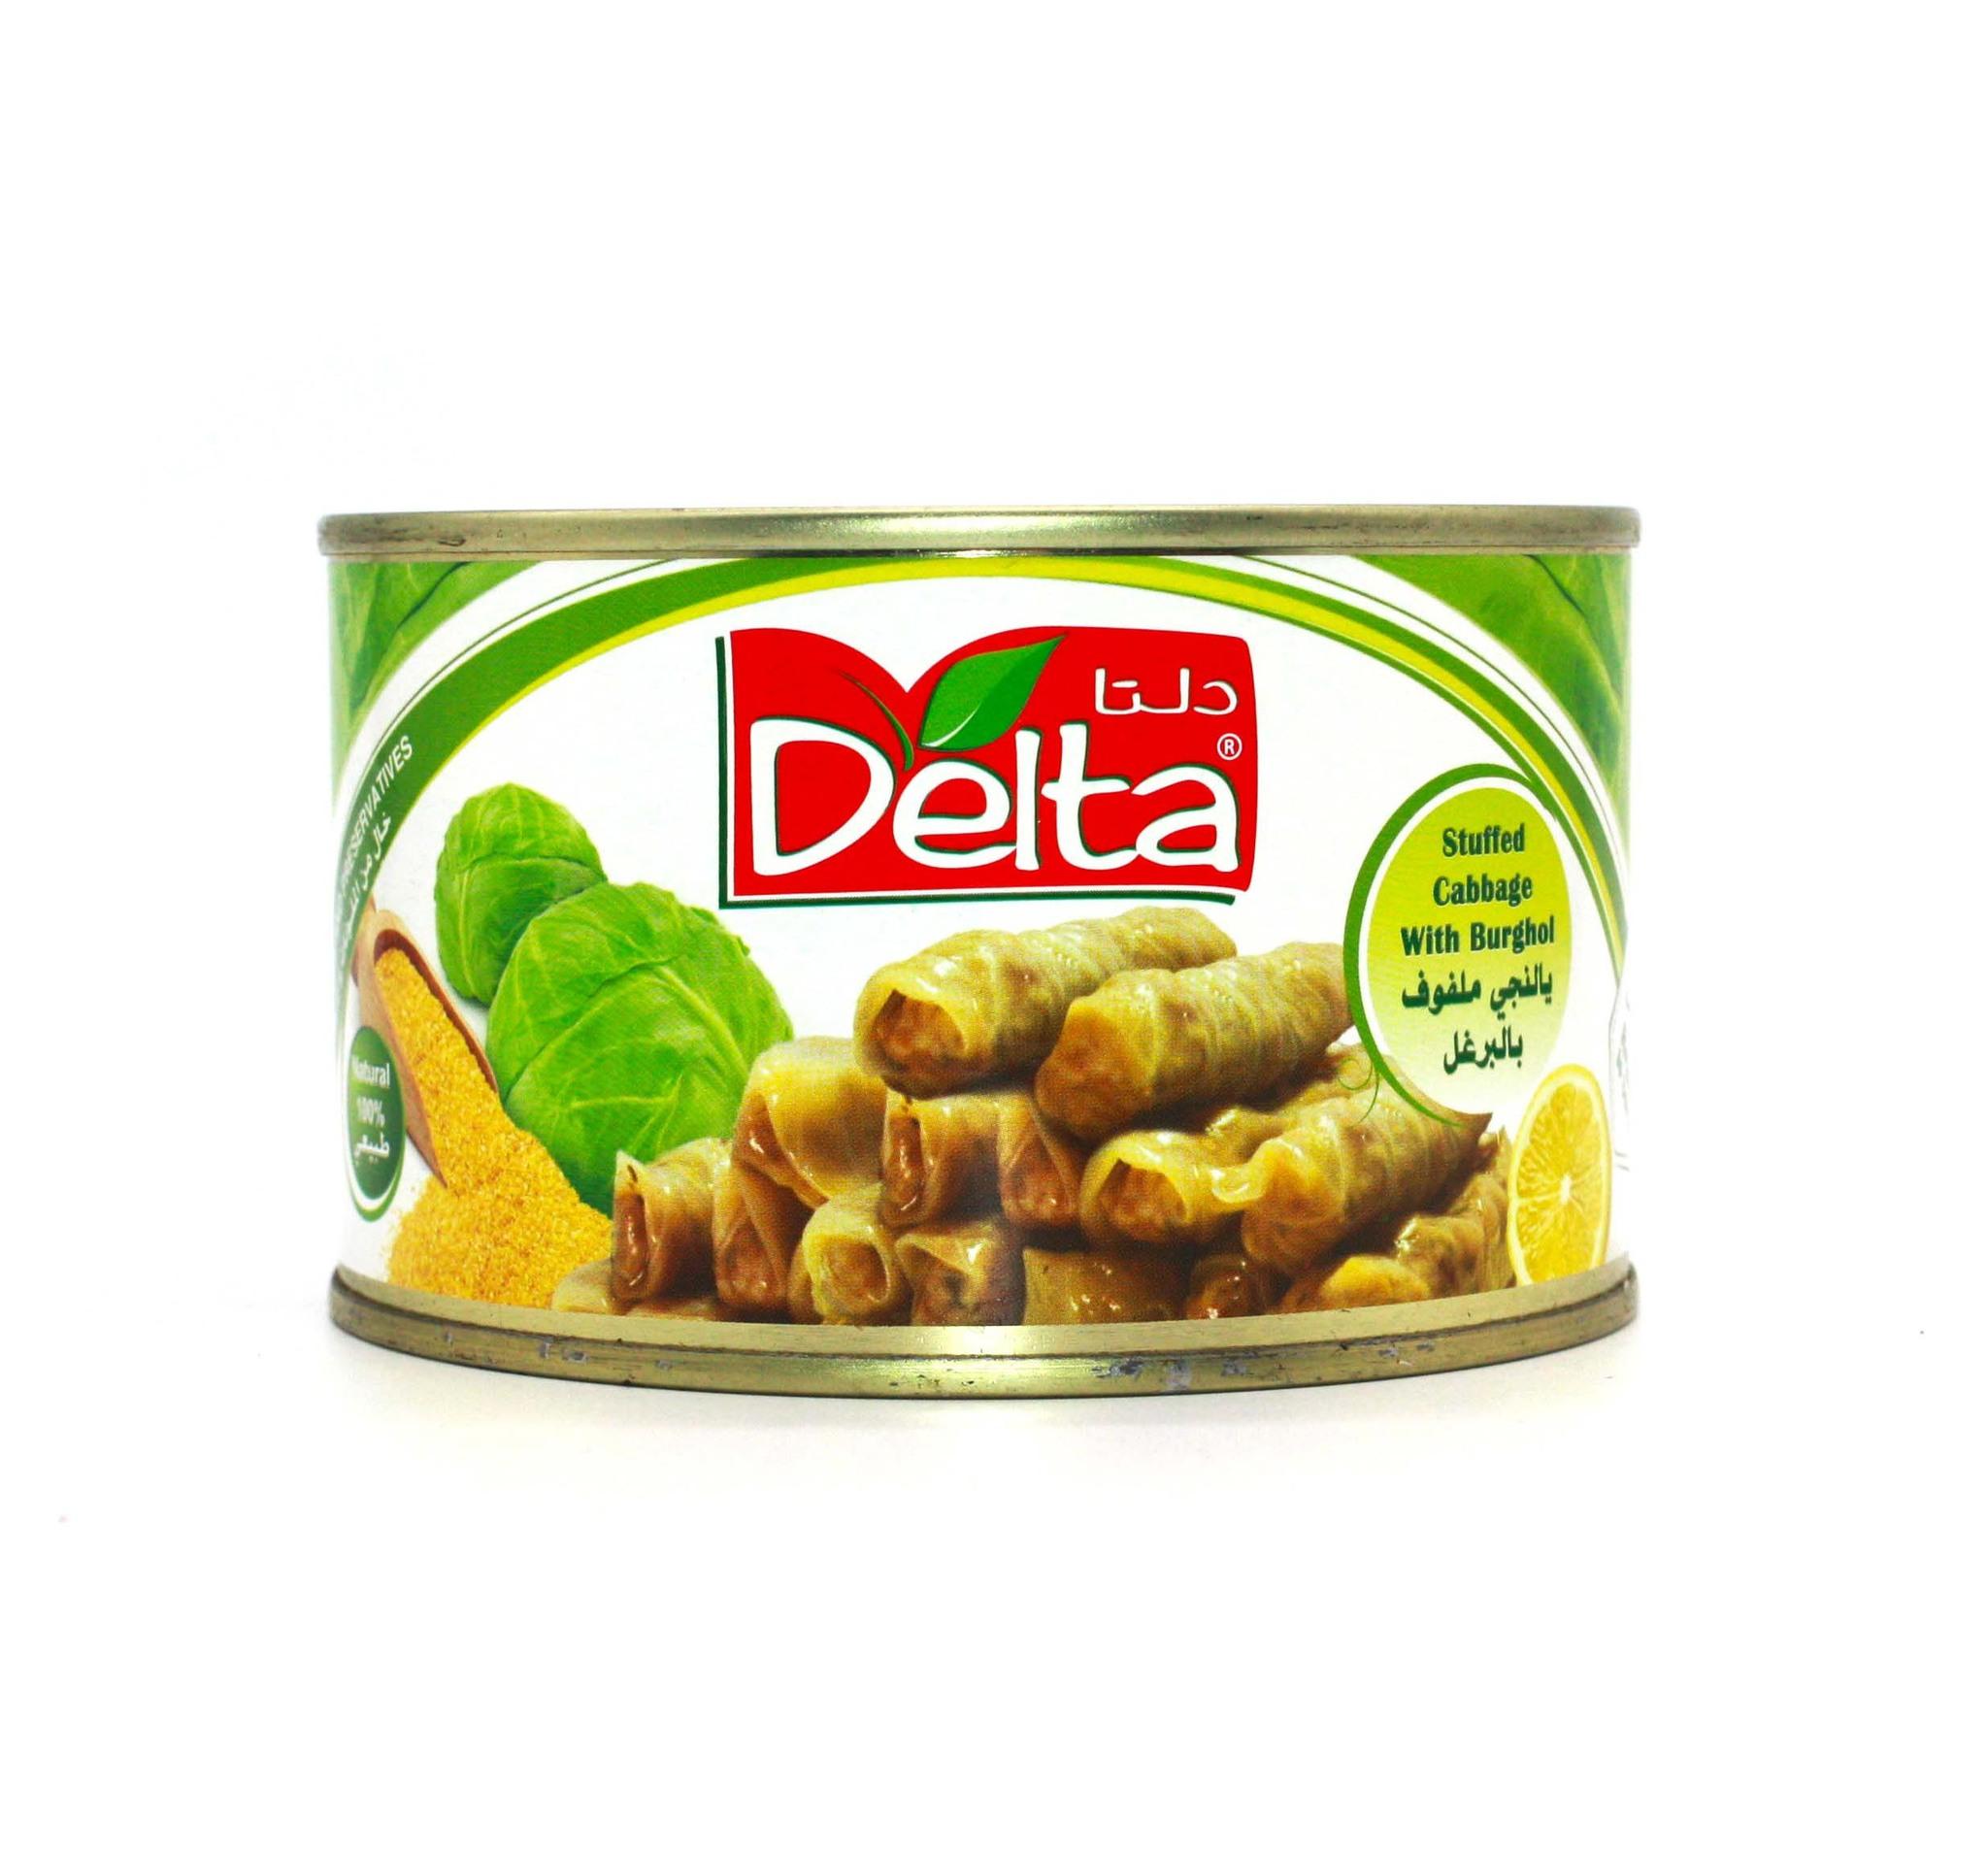 Фаршированные листья капусты, Delta, 375 г import_files_4b_4be3e0f2ba4d11e8a99c484d7ecee297_d65bf101ba6411e8a99c484d7ecee297.jpg